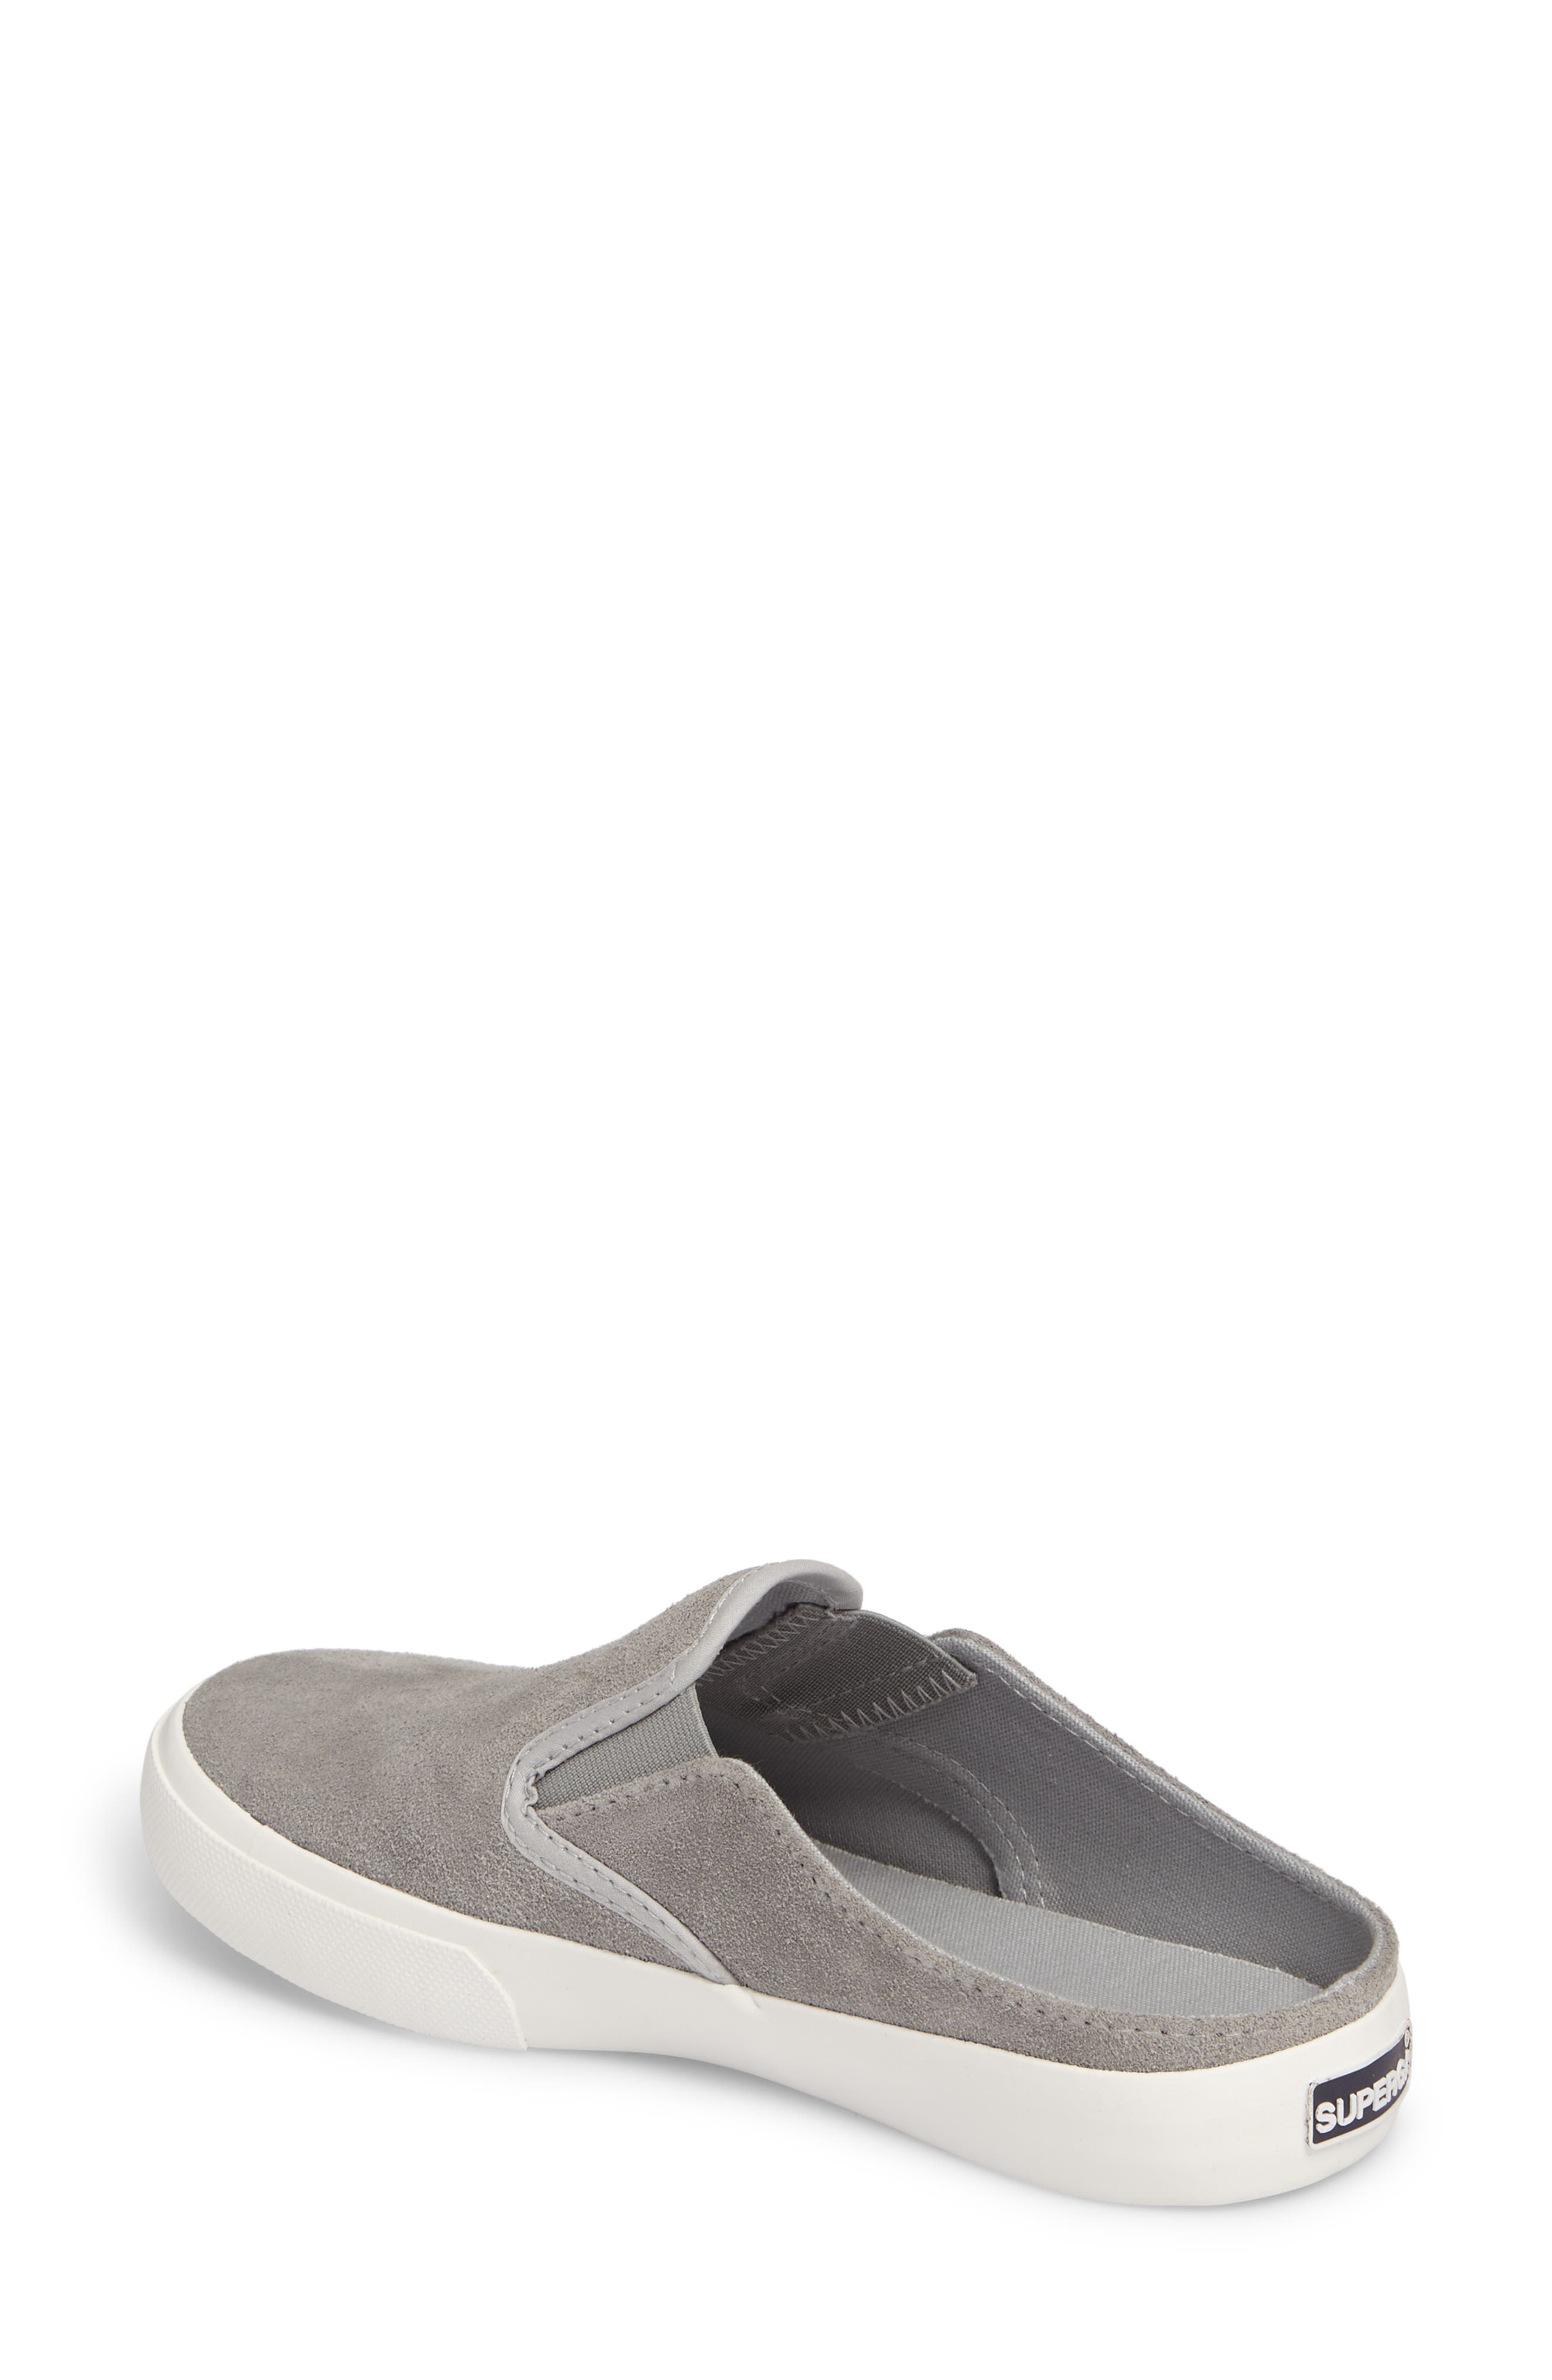 Alternate Image 2  - Superga Slip-On Mule Sneaker (Women)